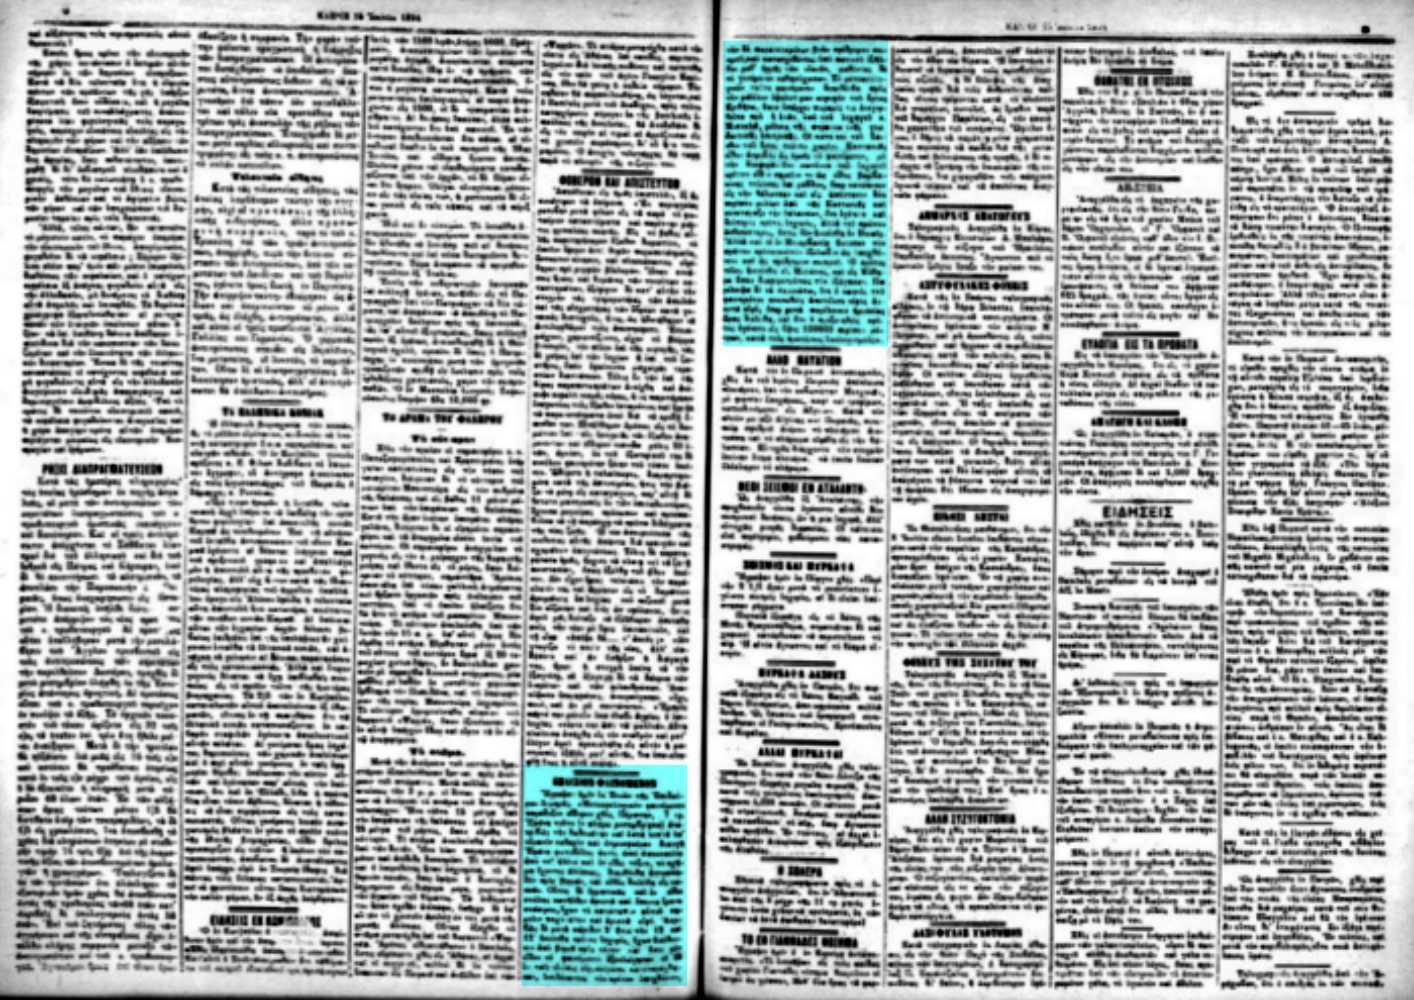 """Το άρθρο, όπως δημοσιεύθηκε στην εφημερίδα """"ΚΑΙΡΟΙ"""", στις 15/07/1894"""